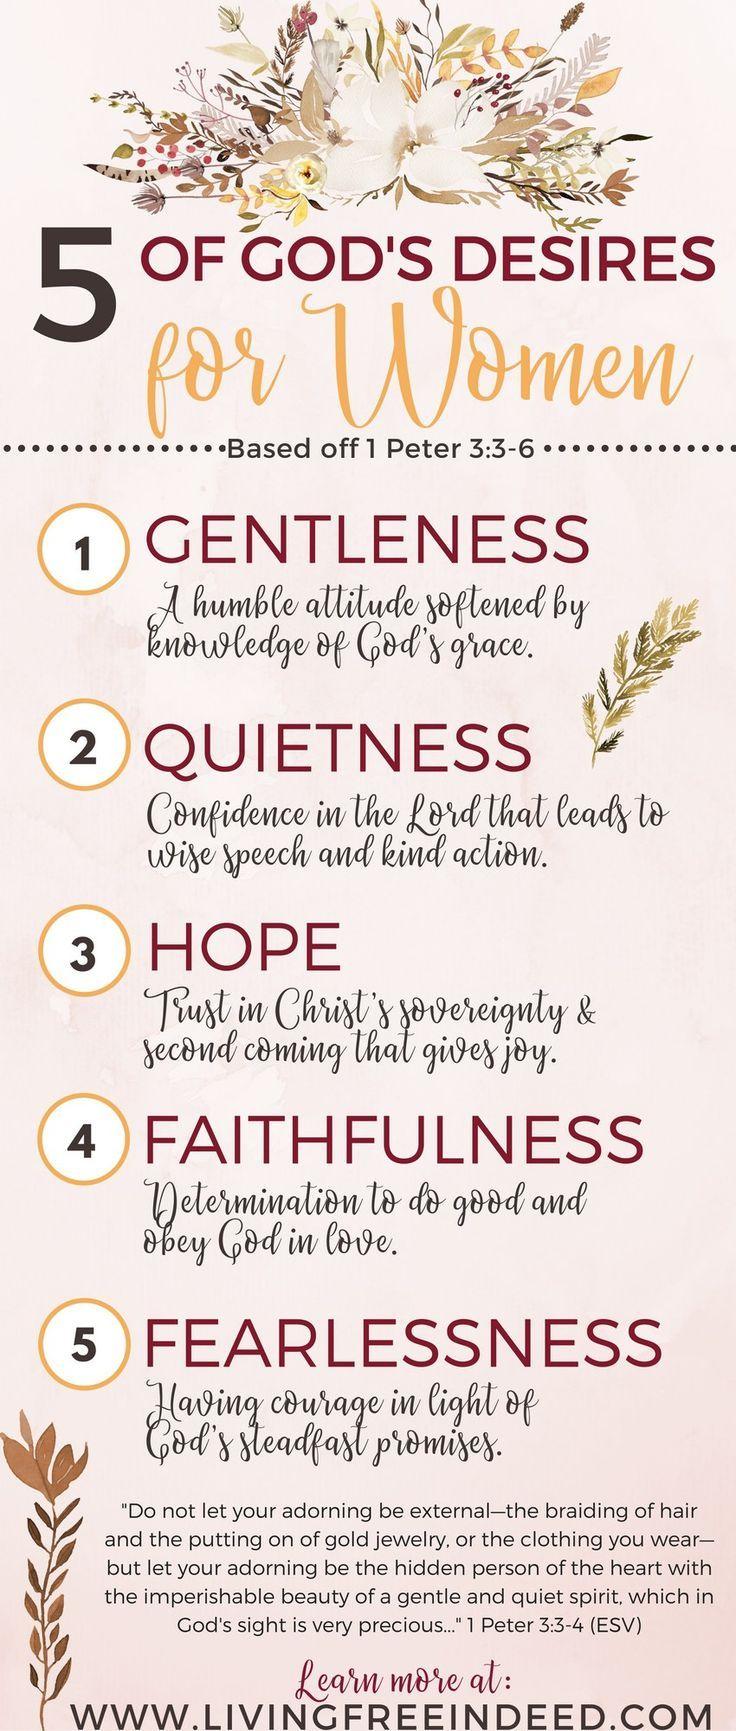 5 of God's Desires for Women